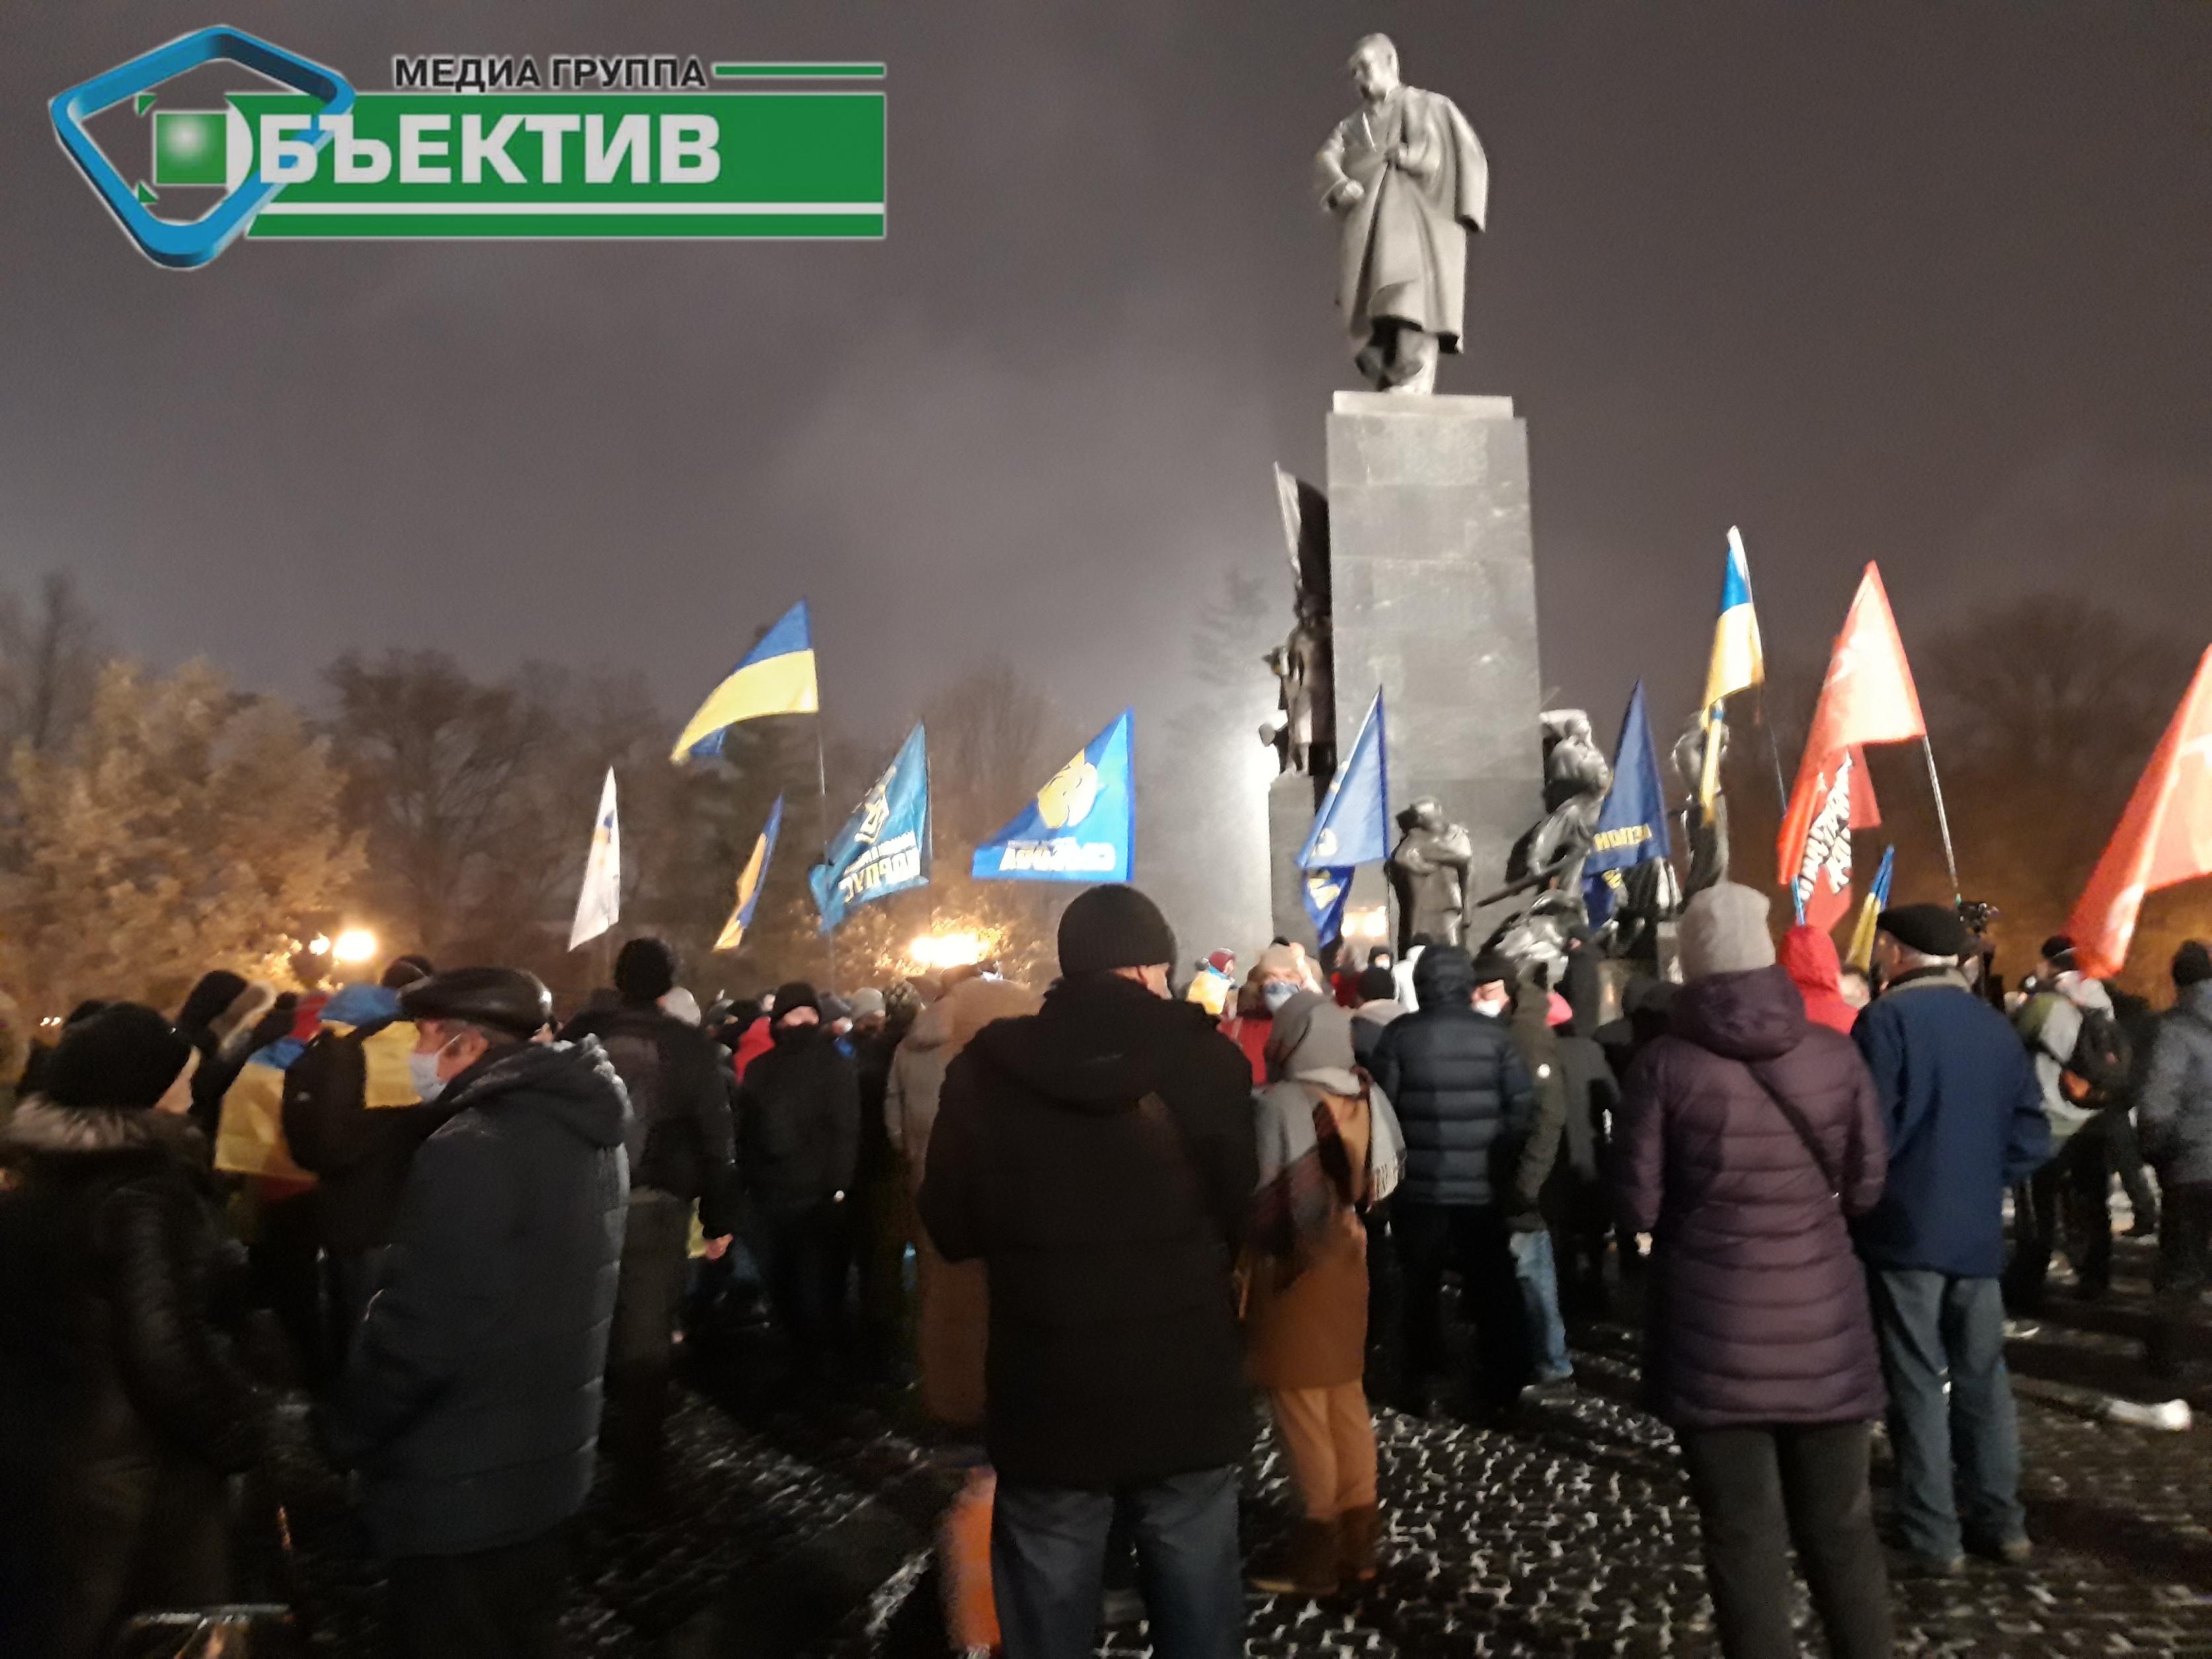 Сьома річниця початку революції: харків'яни вийшли на мітинг (фото)